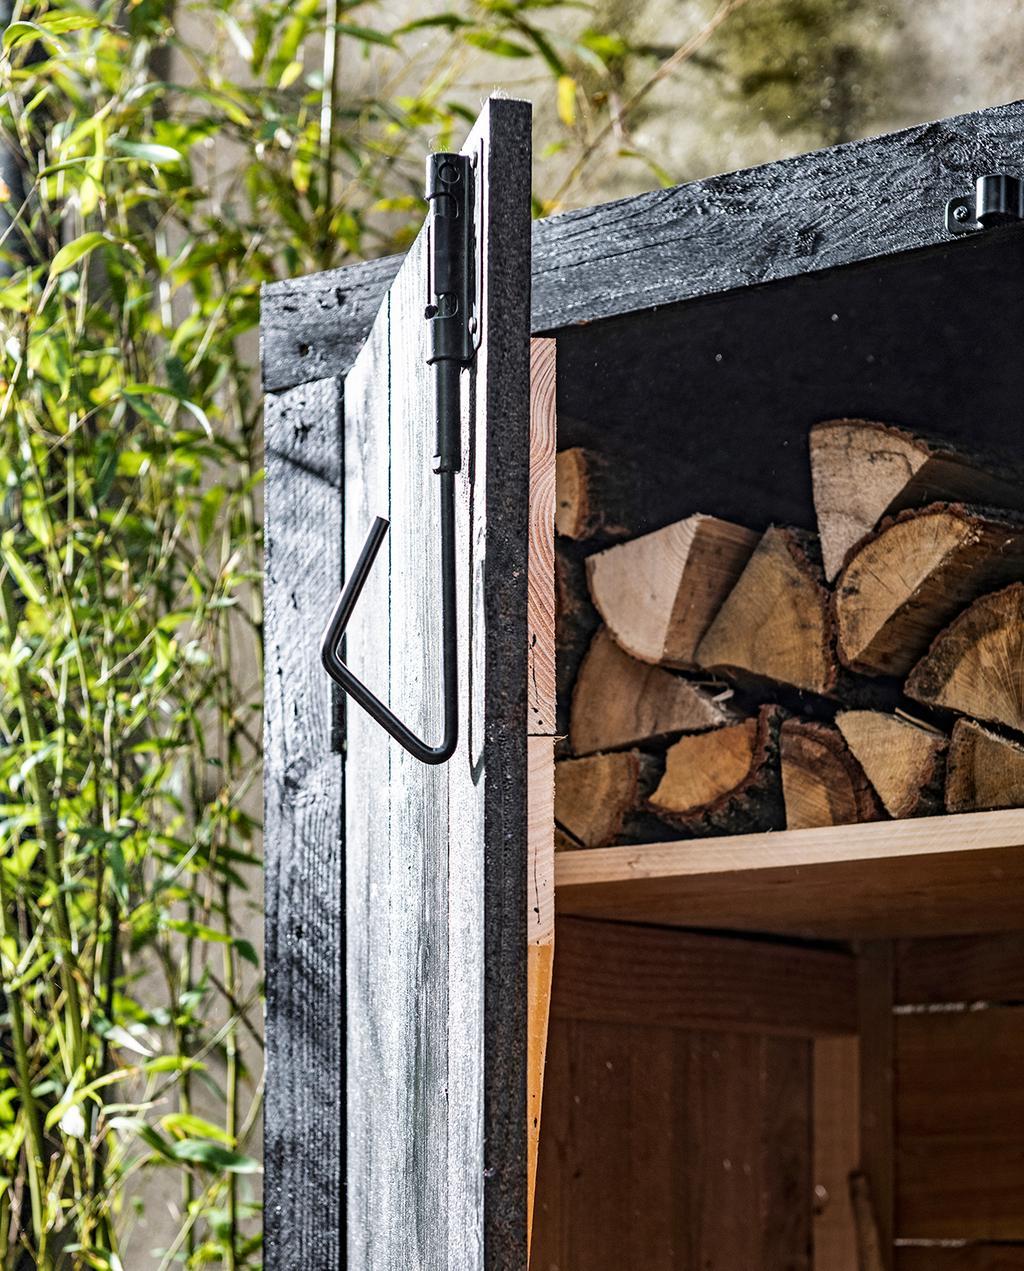 vtwonen tuin special 1 2020 |Opbergkast zwart hout met stalen slothaak